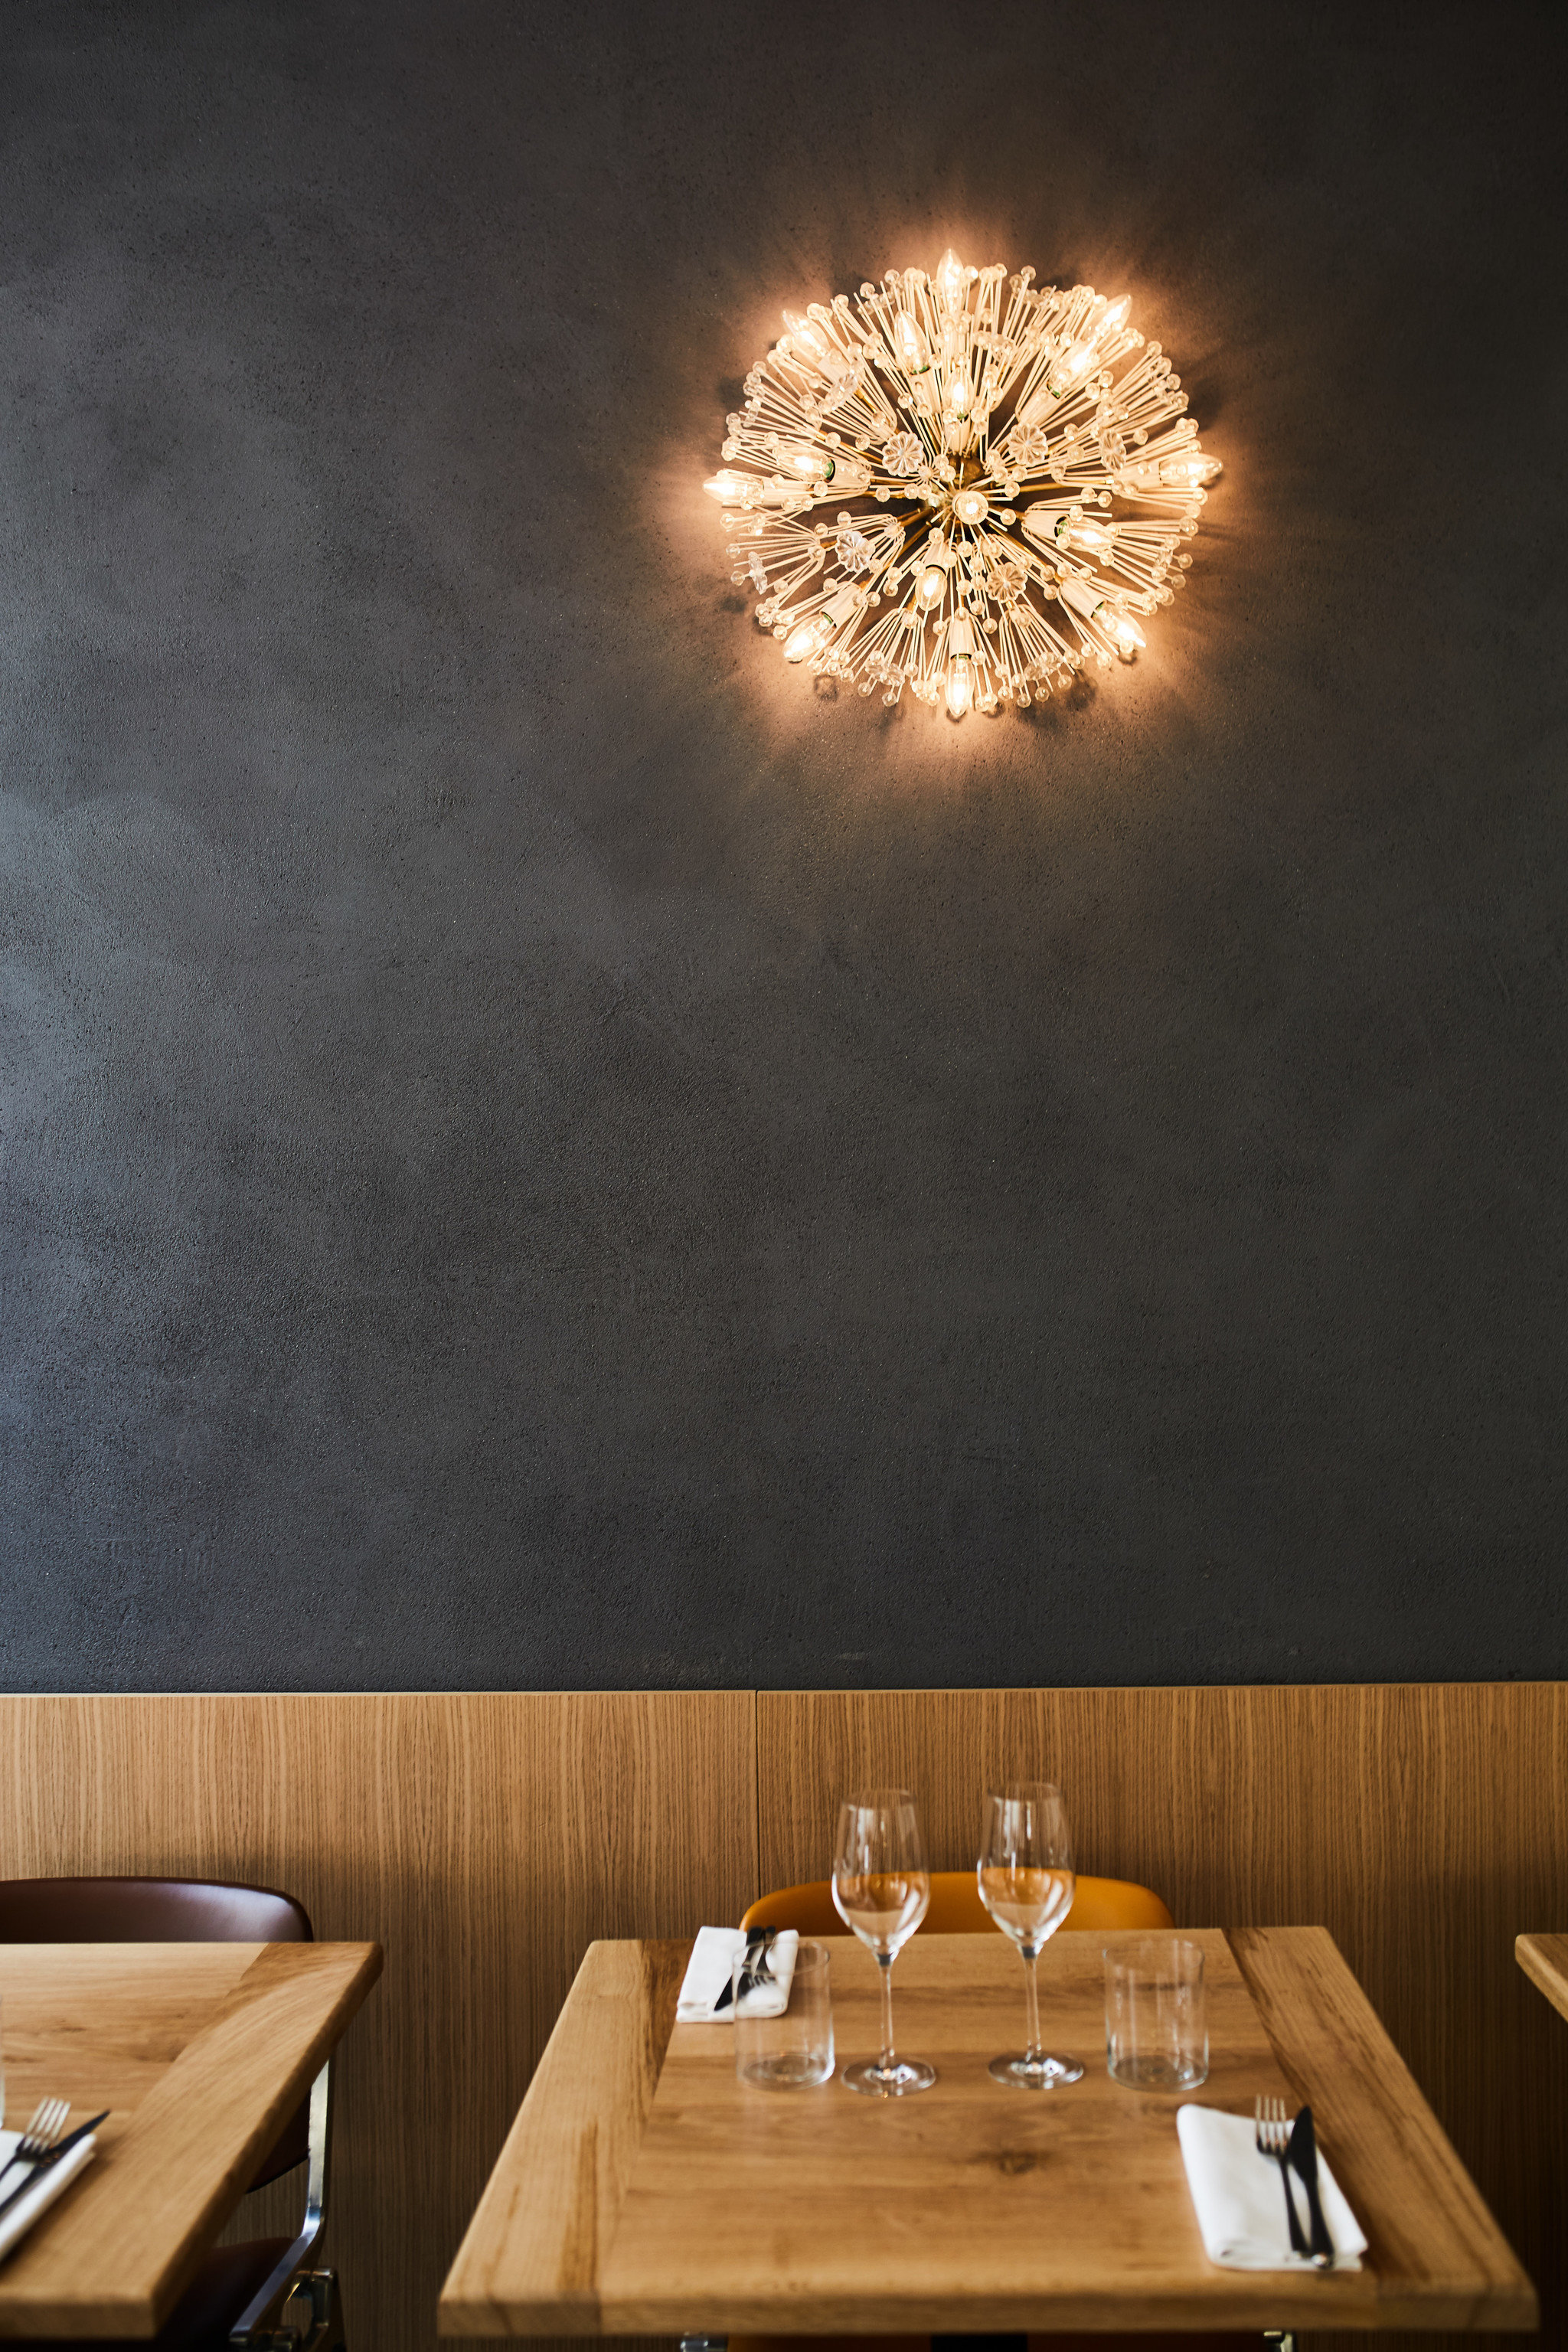 Food + Drink table indoor lighting light fixture